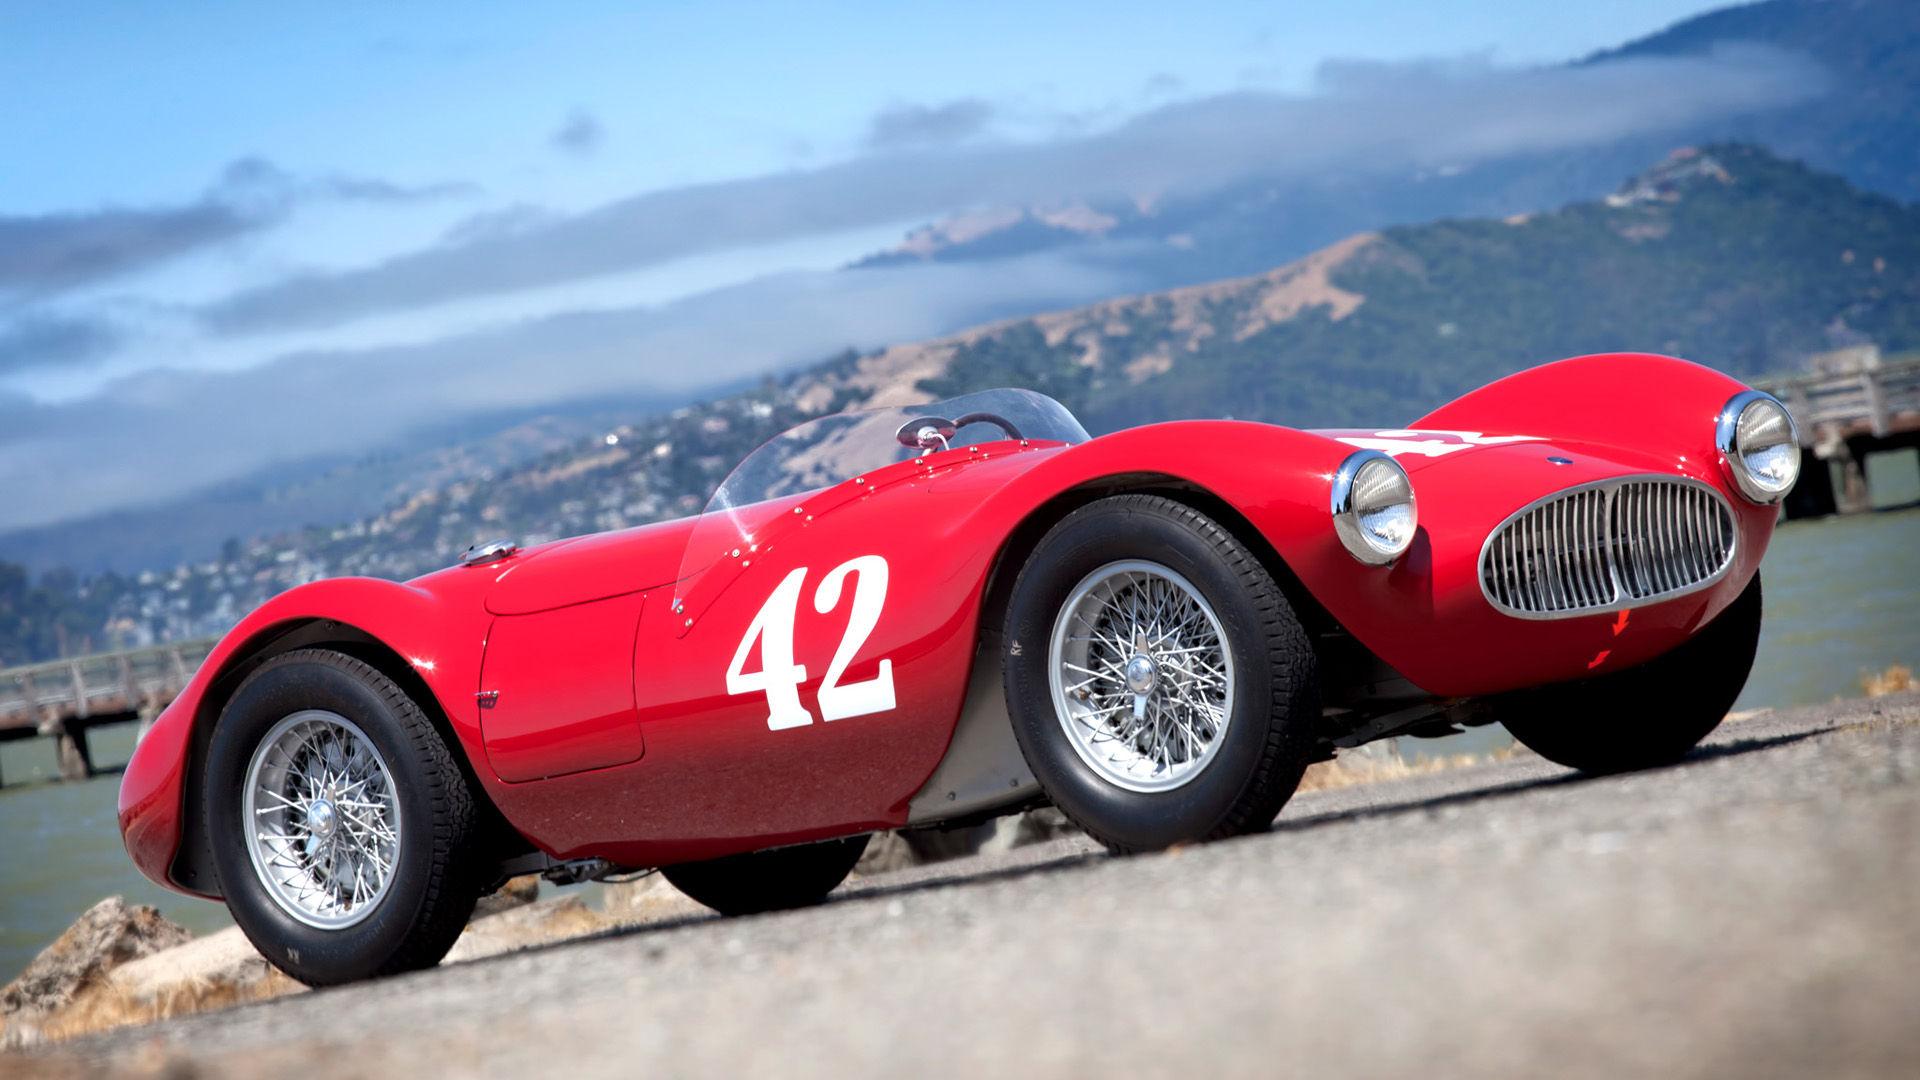 1953 Maserati A6GCS by Fantuzzi